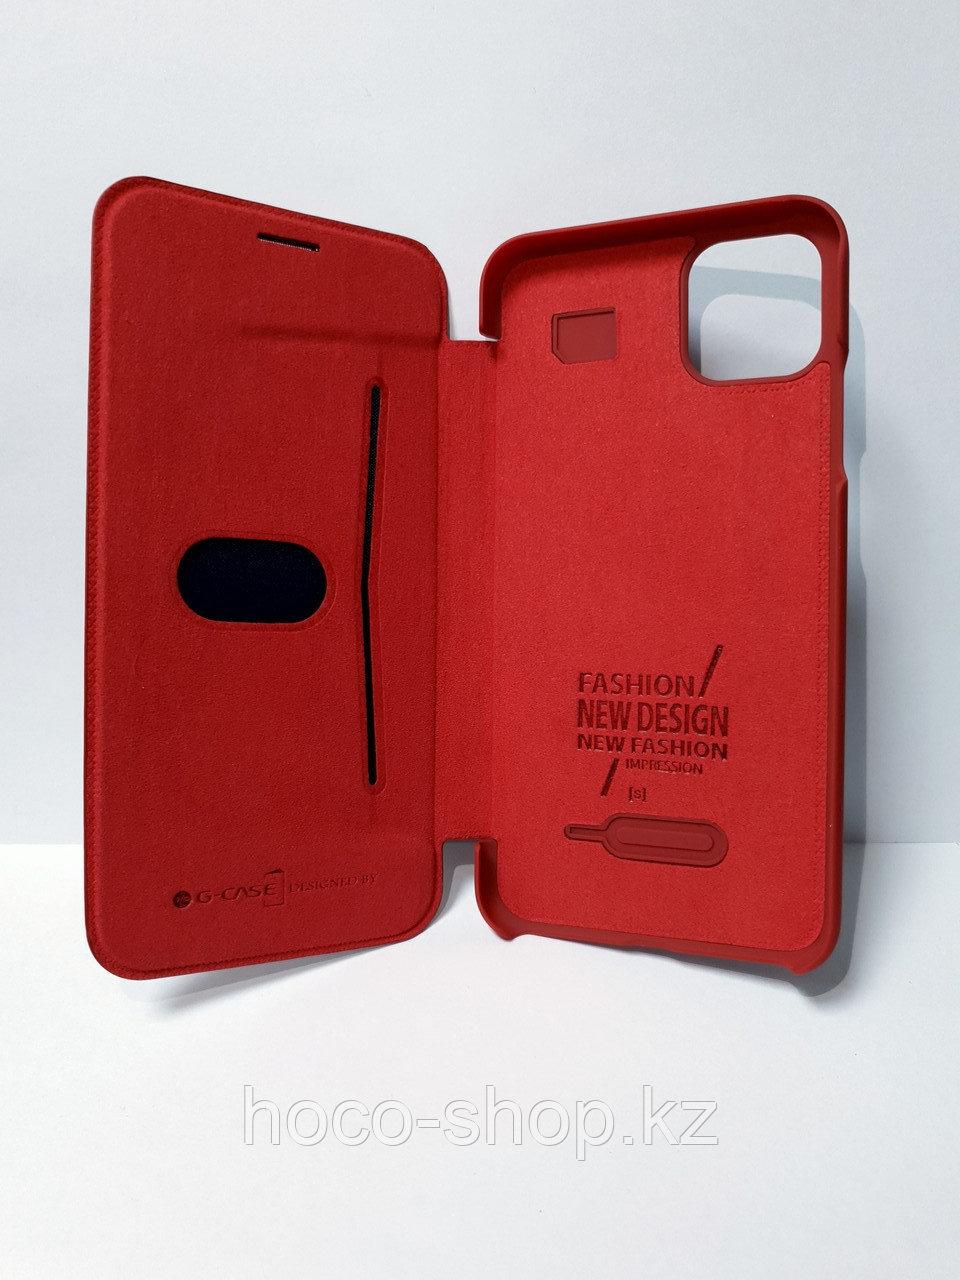 Кожаный чехол-книжка Baseus iPhone 11 - фото 2